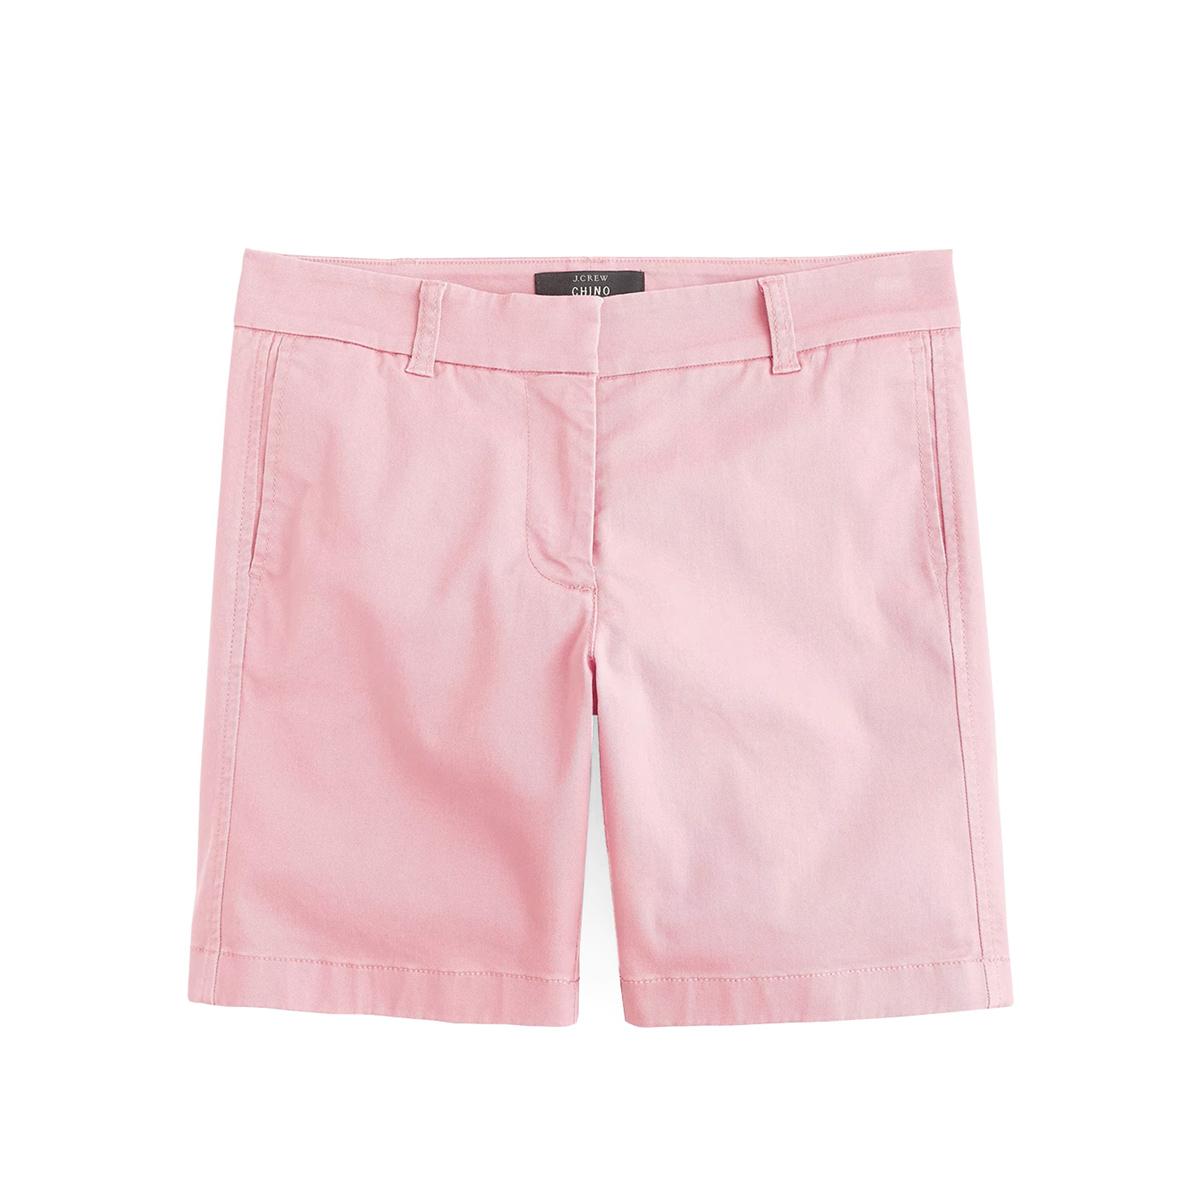 pink chino shorts jcrew.jpg